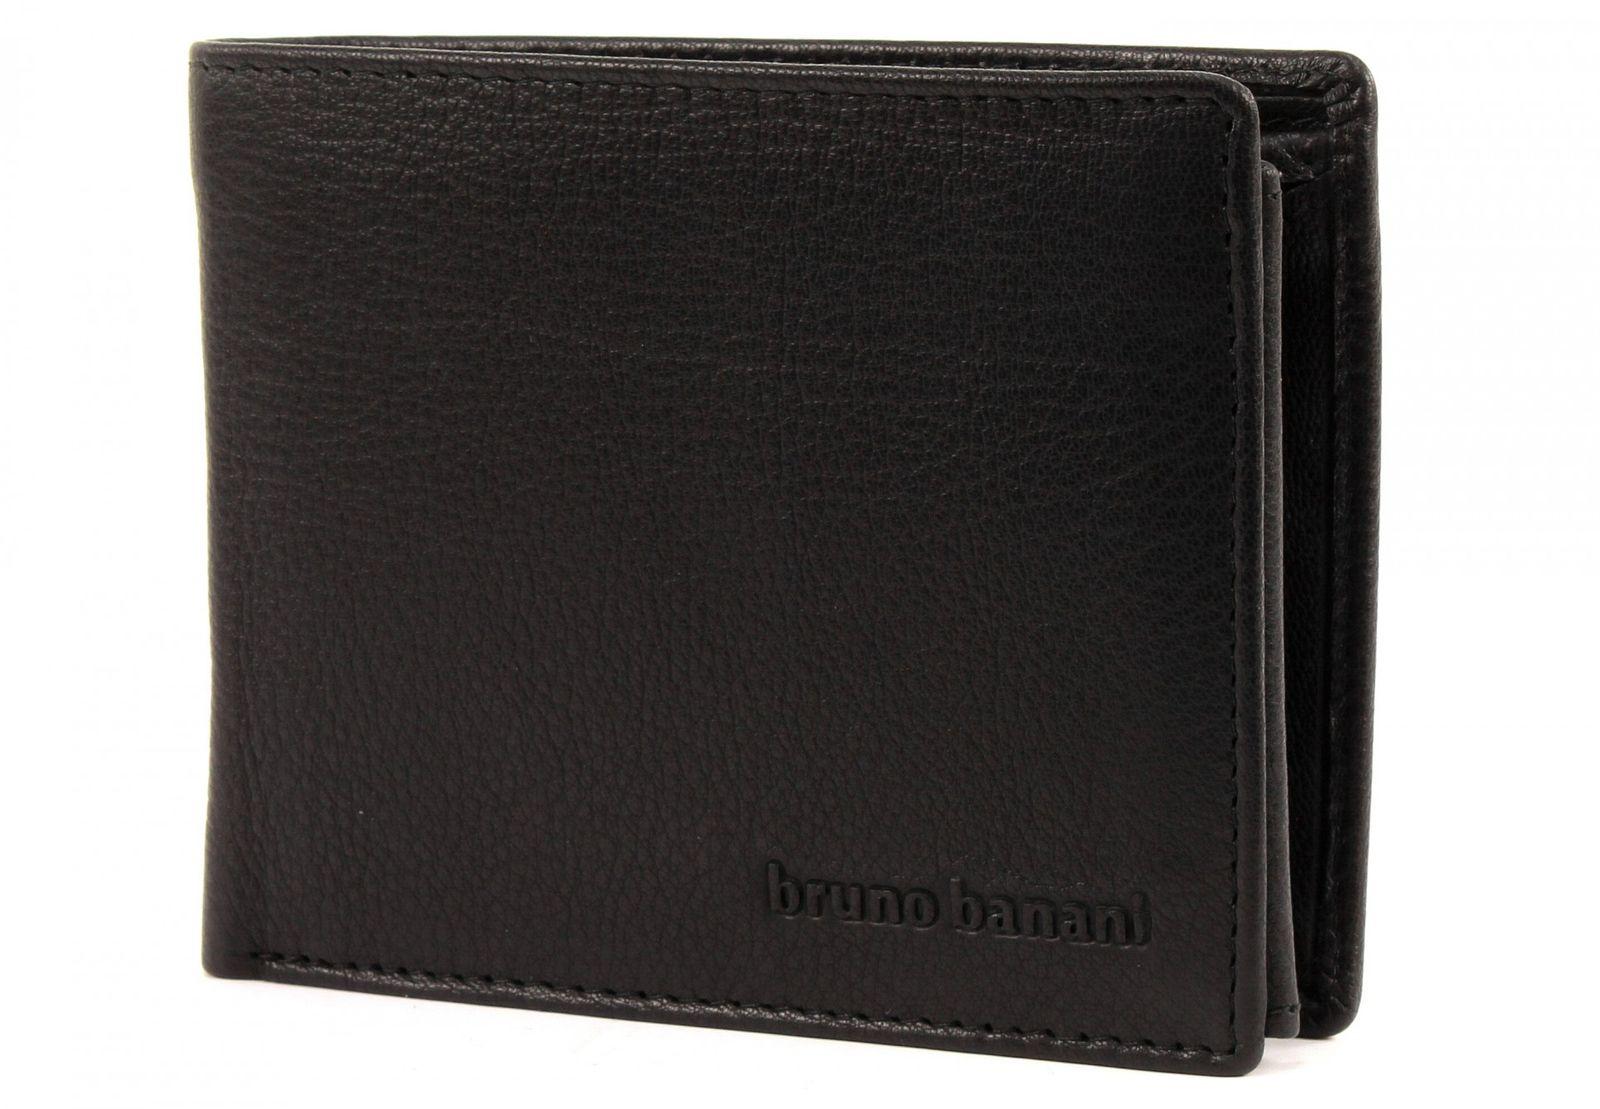 bruno banani Geschenkset 2tlg. Geldbörse und Schlüsselanhänger Black